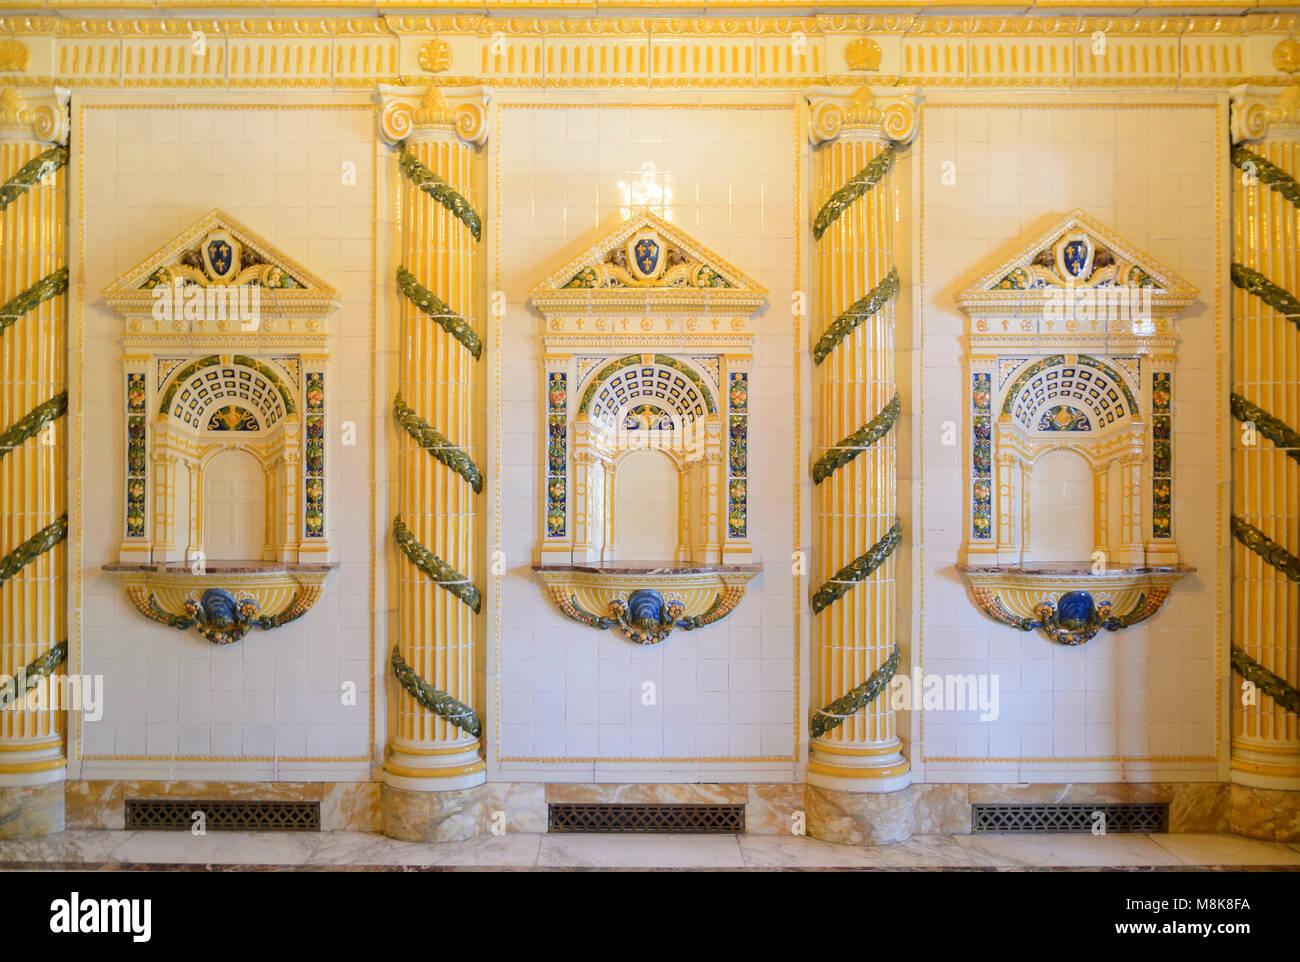 Kaiser-Friedrich-Therme, Wiesbaden, Hessen, Deutschland Stock Photo